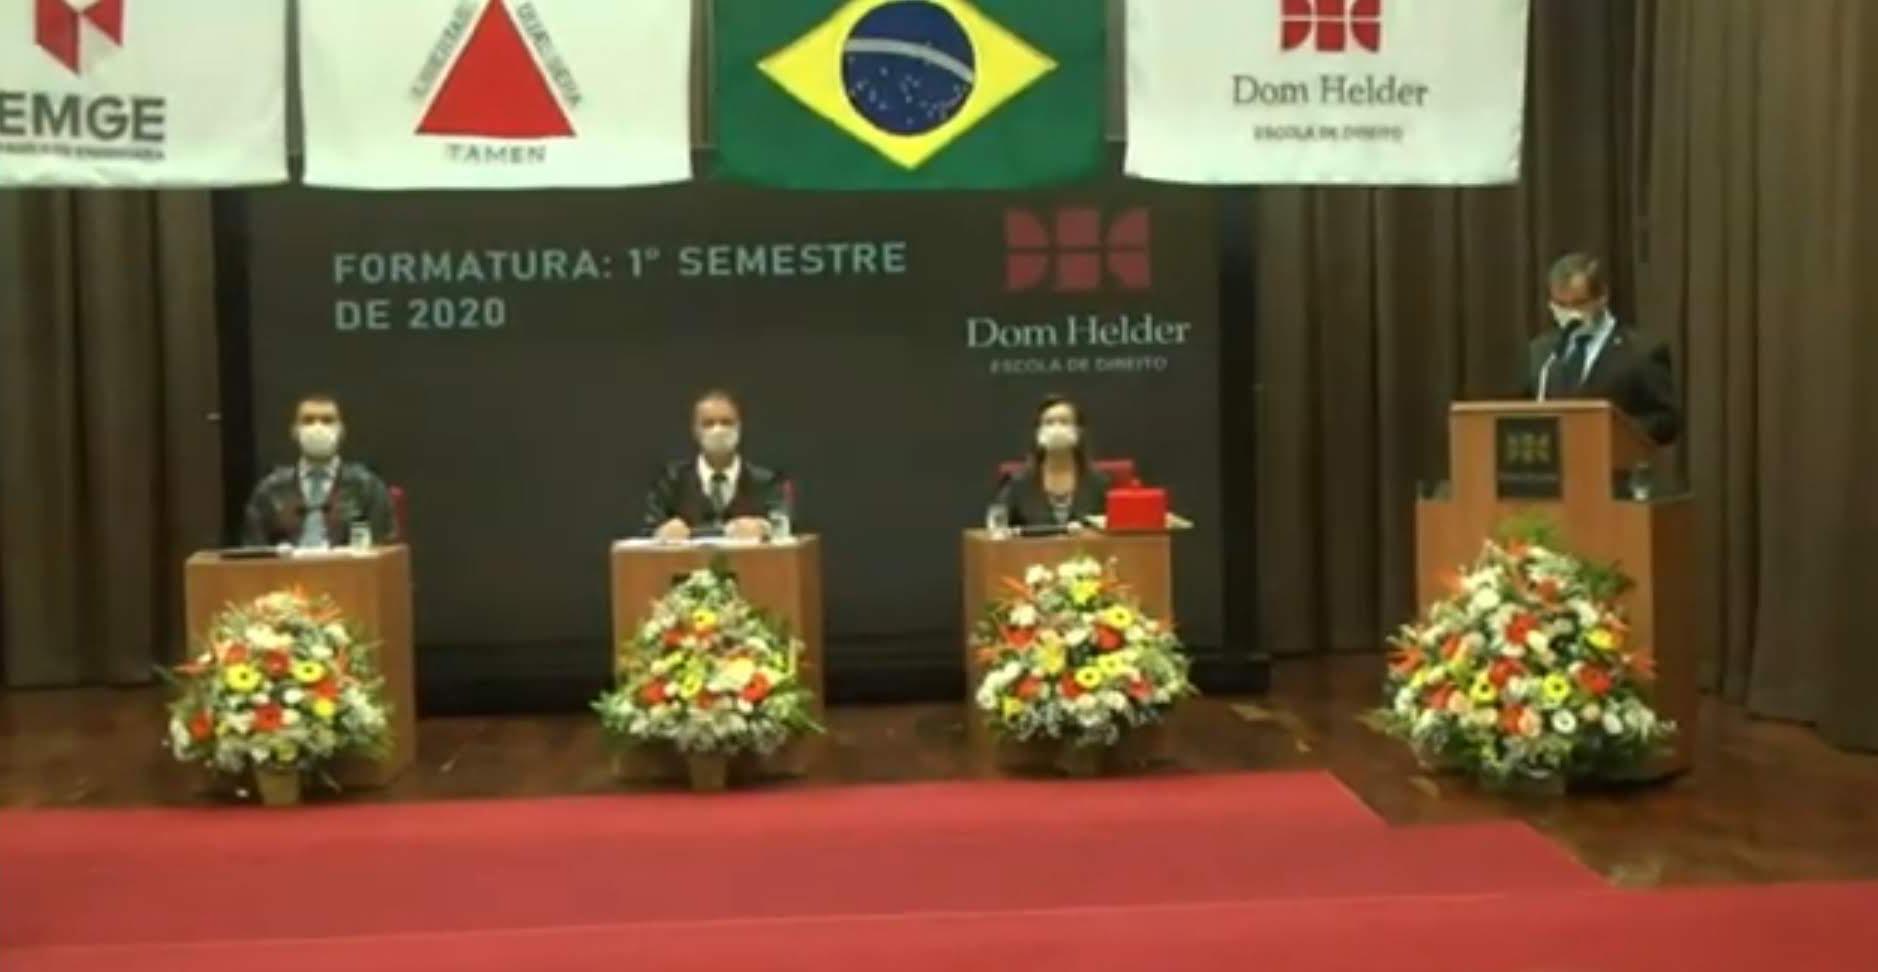 Solenidade de formatura virtual dos graduandos do primeiro semestre de 2020 da Dom Helder.